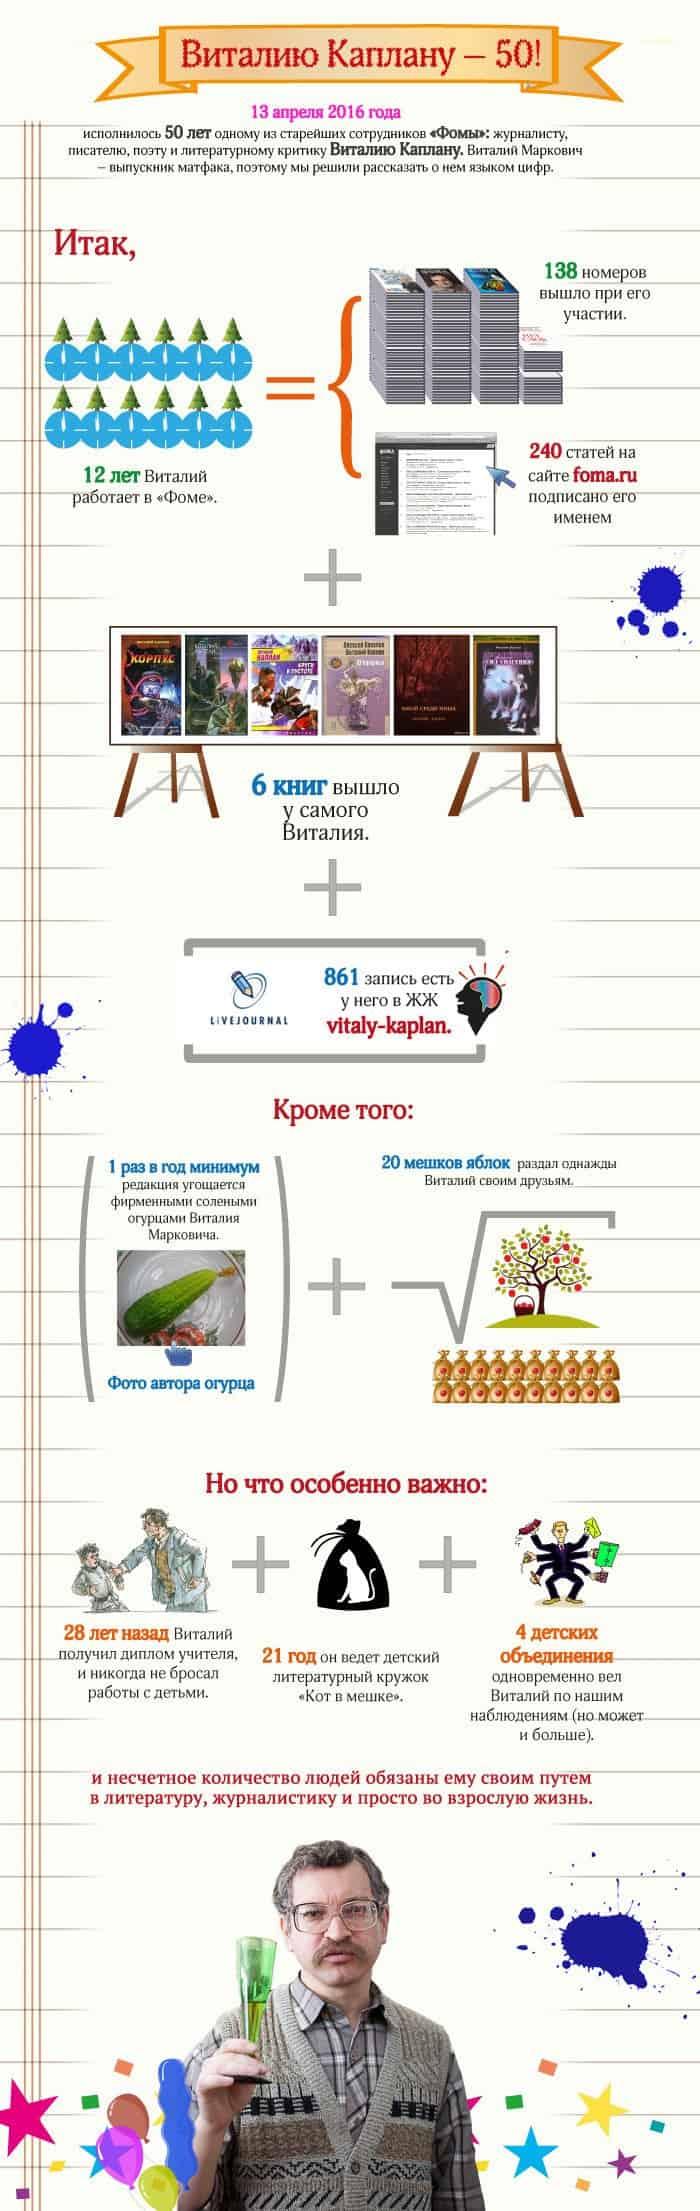 info_kaplan-2